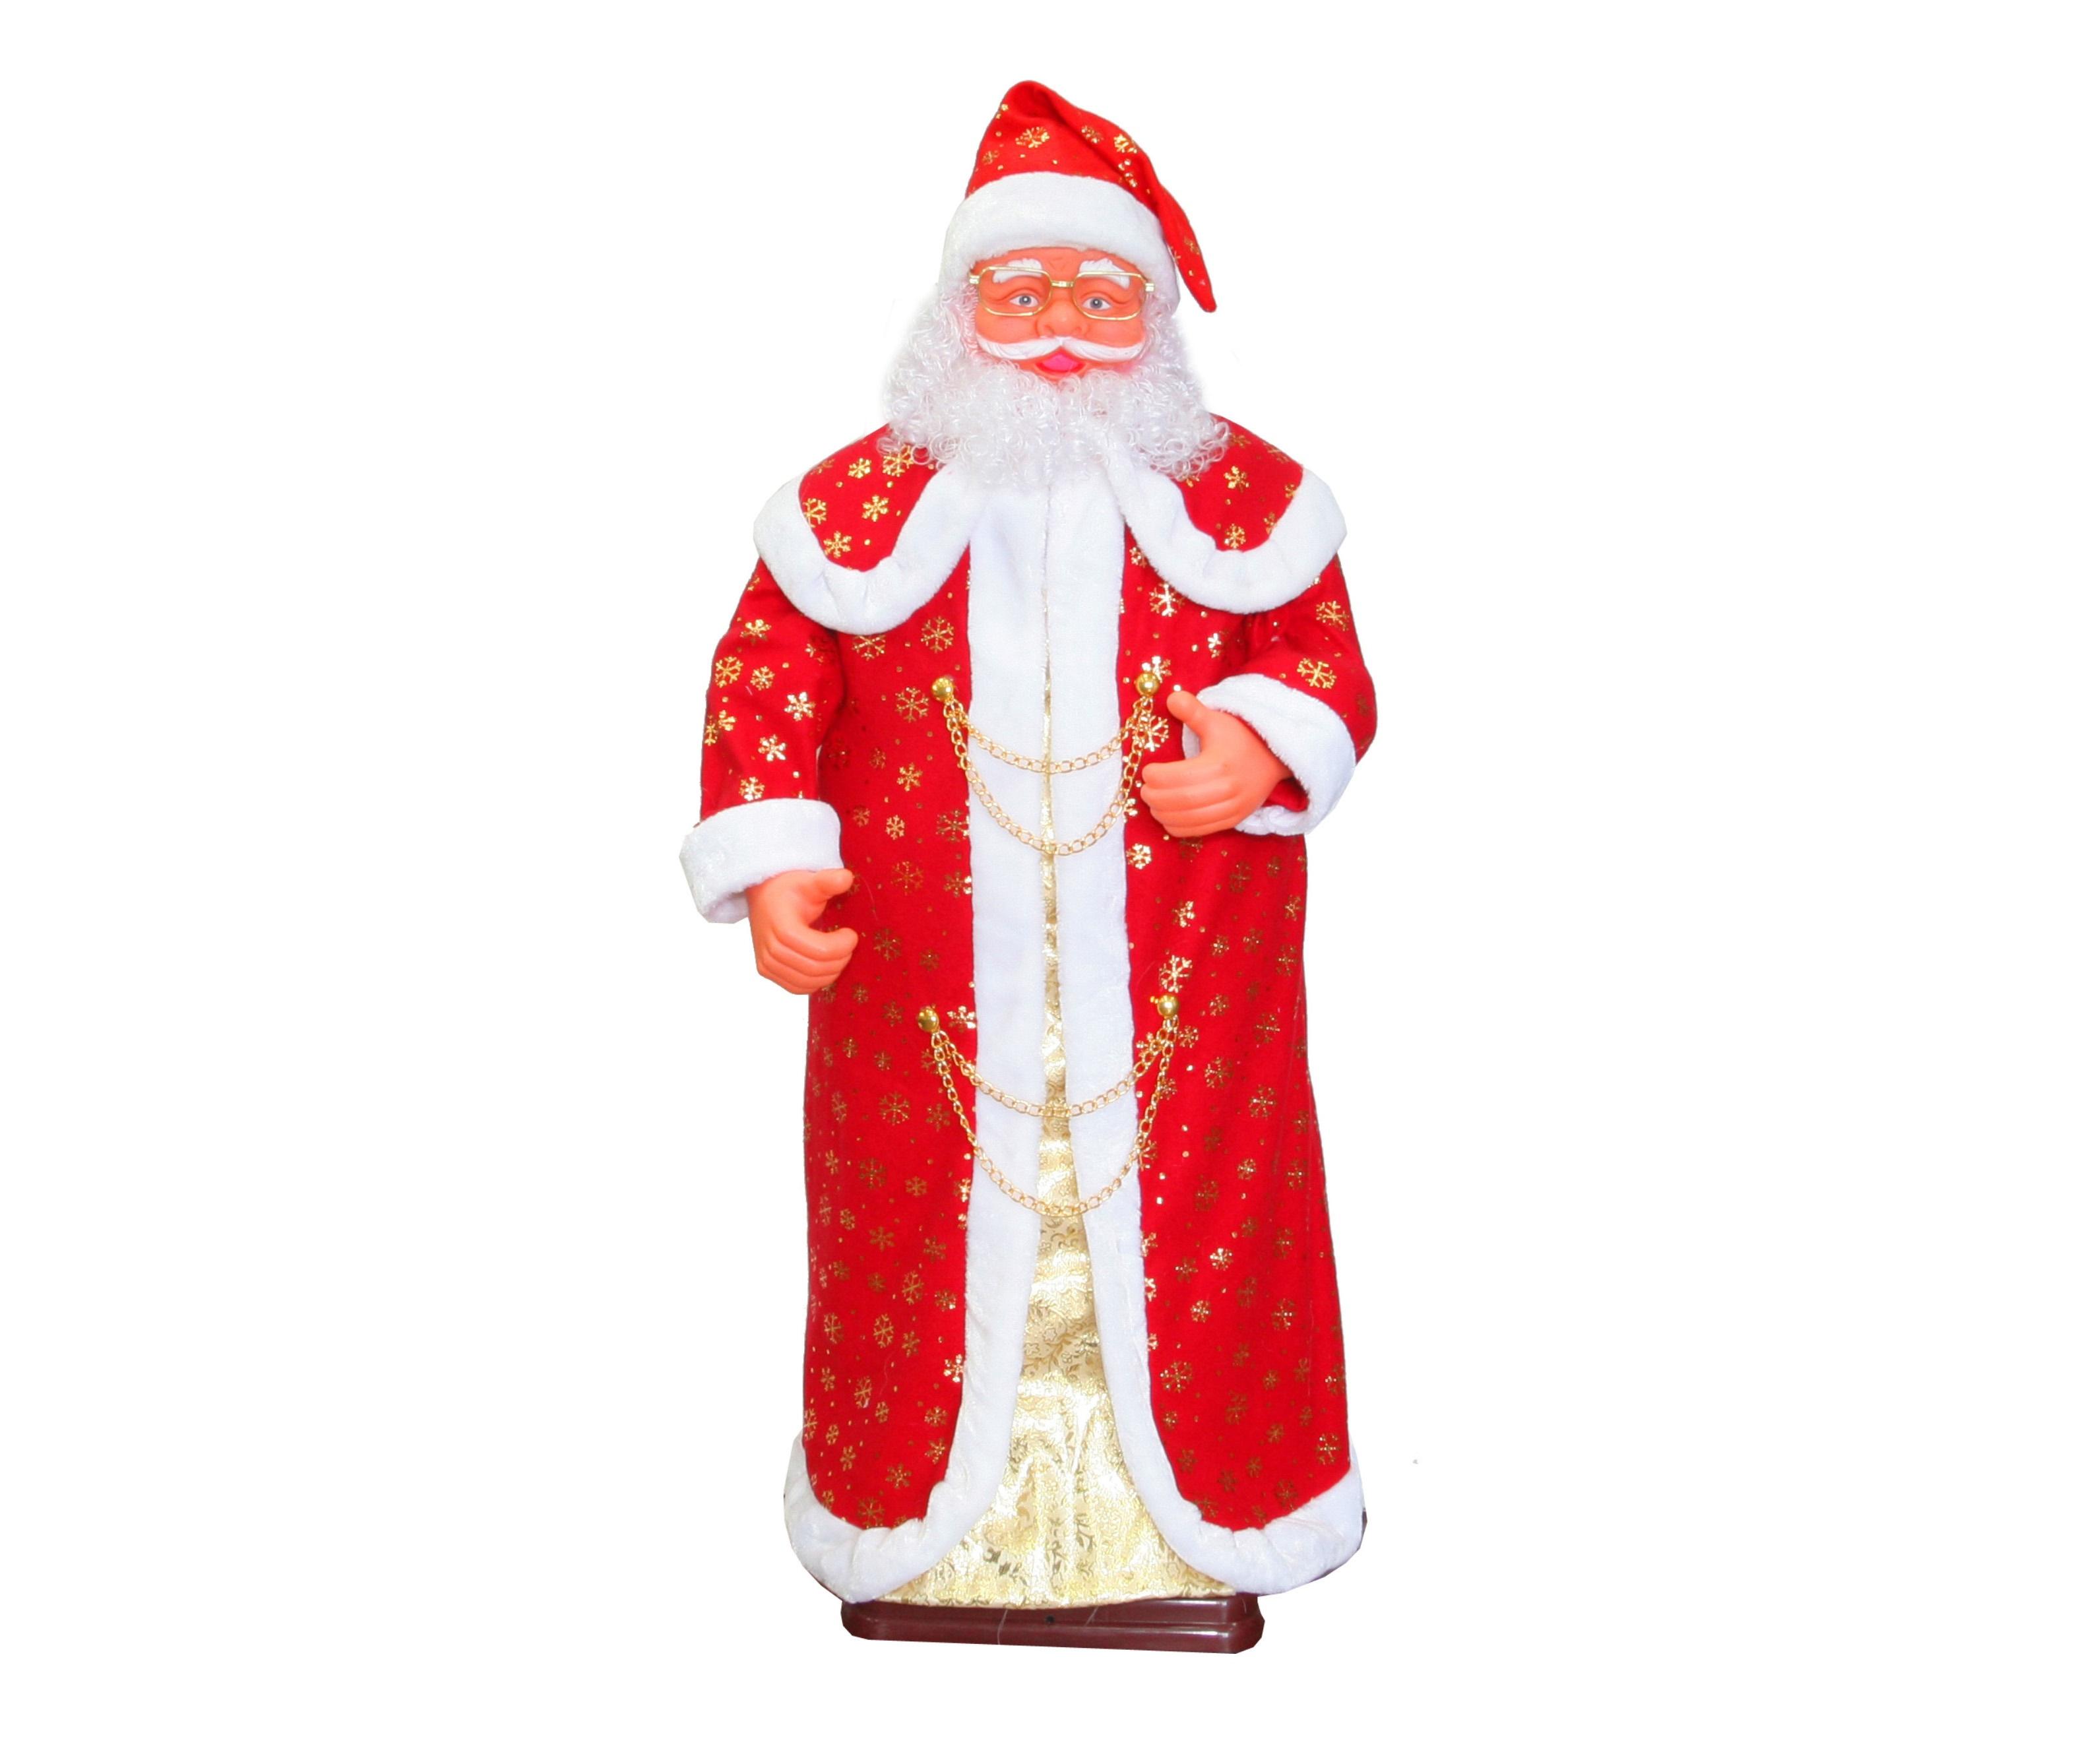 Дед МорозДругое<br>&amp;lt;div&amp;gt;Самый долгожданный праздник не мыслим без всеми любимого сказочного персонажа. Механическая фигура Деда Мороза сделает любой интерьер по-настоящему волшебным. Для детей этот предмет станет лучшим развлечением. Новогодний гость порадует всех забавным танцем и песенкой &amp;quot;В лесу родилась елочка&amp;quot;.&amp;lt;br&amp;gt;&amp;lt;/div&amp;gt;&amp;lt;div&amp;gt;&amp;lt;br&amp;gt;&amp;lt;/div&amp;gt;&amp;lt;div&amp;gt;Вид электропитания: от сети 220 В через низковольтный адаптер (в комплекте).&amp;lt;/div&amp;gt;&amp;lt;div&amp;gt;Количество штук в коробе: 1&amp;lt;/div&amp;gt;&amp;lt;div&amp;gt;Объём короба, куб. м: 0,14&amp;lt;/div&amp;gt;&amp;lt;div&amp;gt;Вес короба, кг: 9,0&amp;lt;/div&amp;gt;&amp;lt;div&amp;gt;Соник-контроль (включается от шумового воздействия).&amp;lt;/div&amp;gt;<br><br>Material: Текстиль<br>Height см: 150